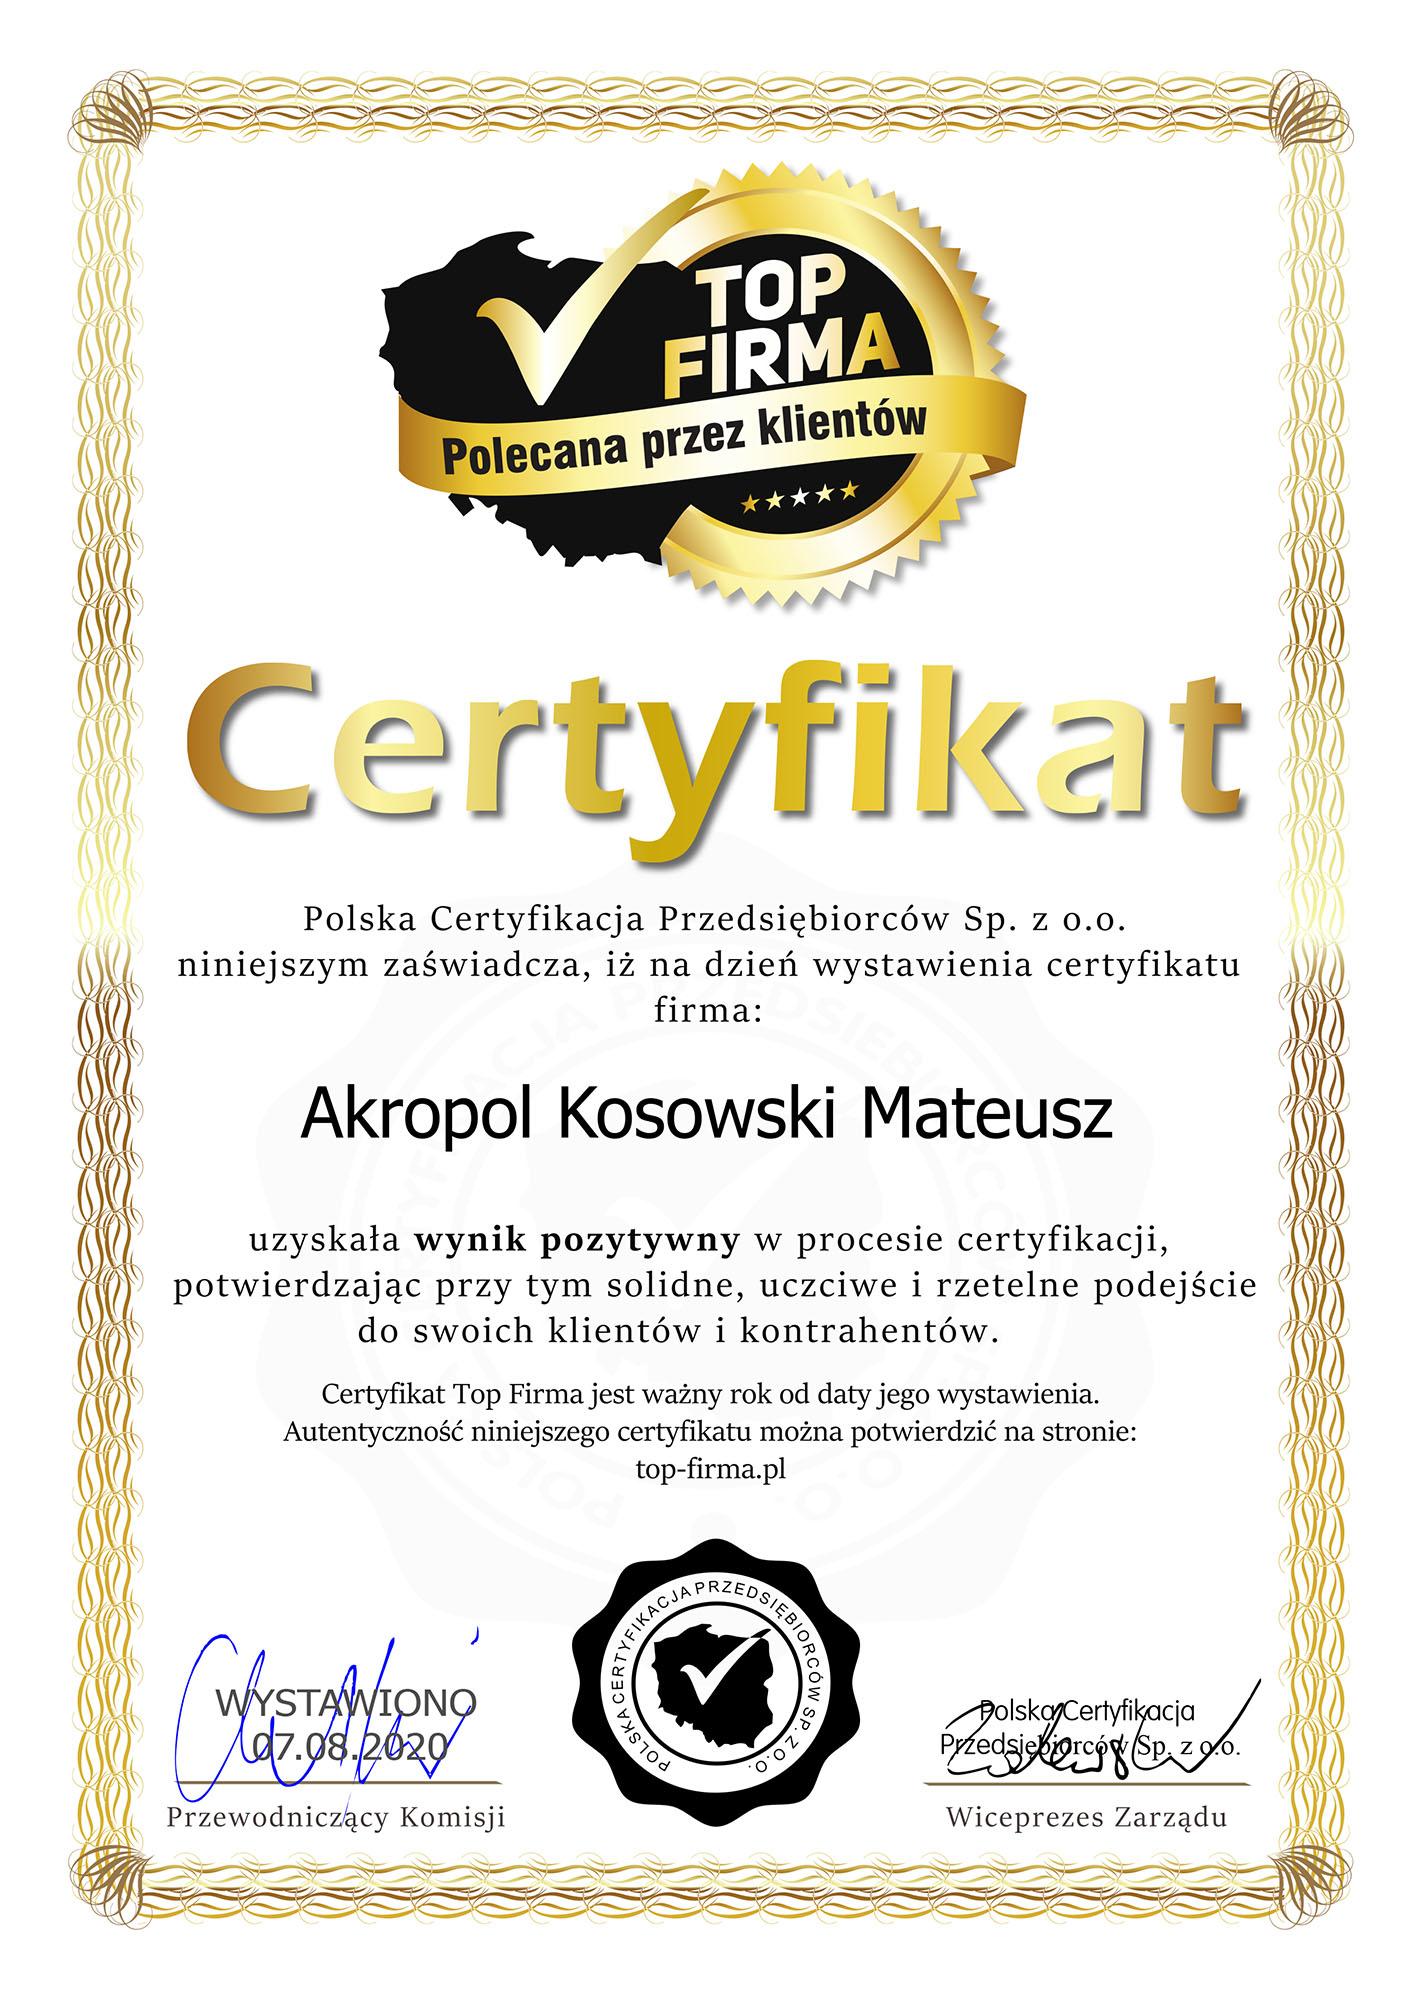 certyfikat top firma